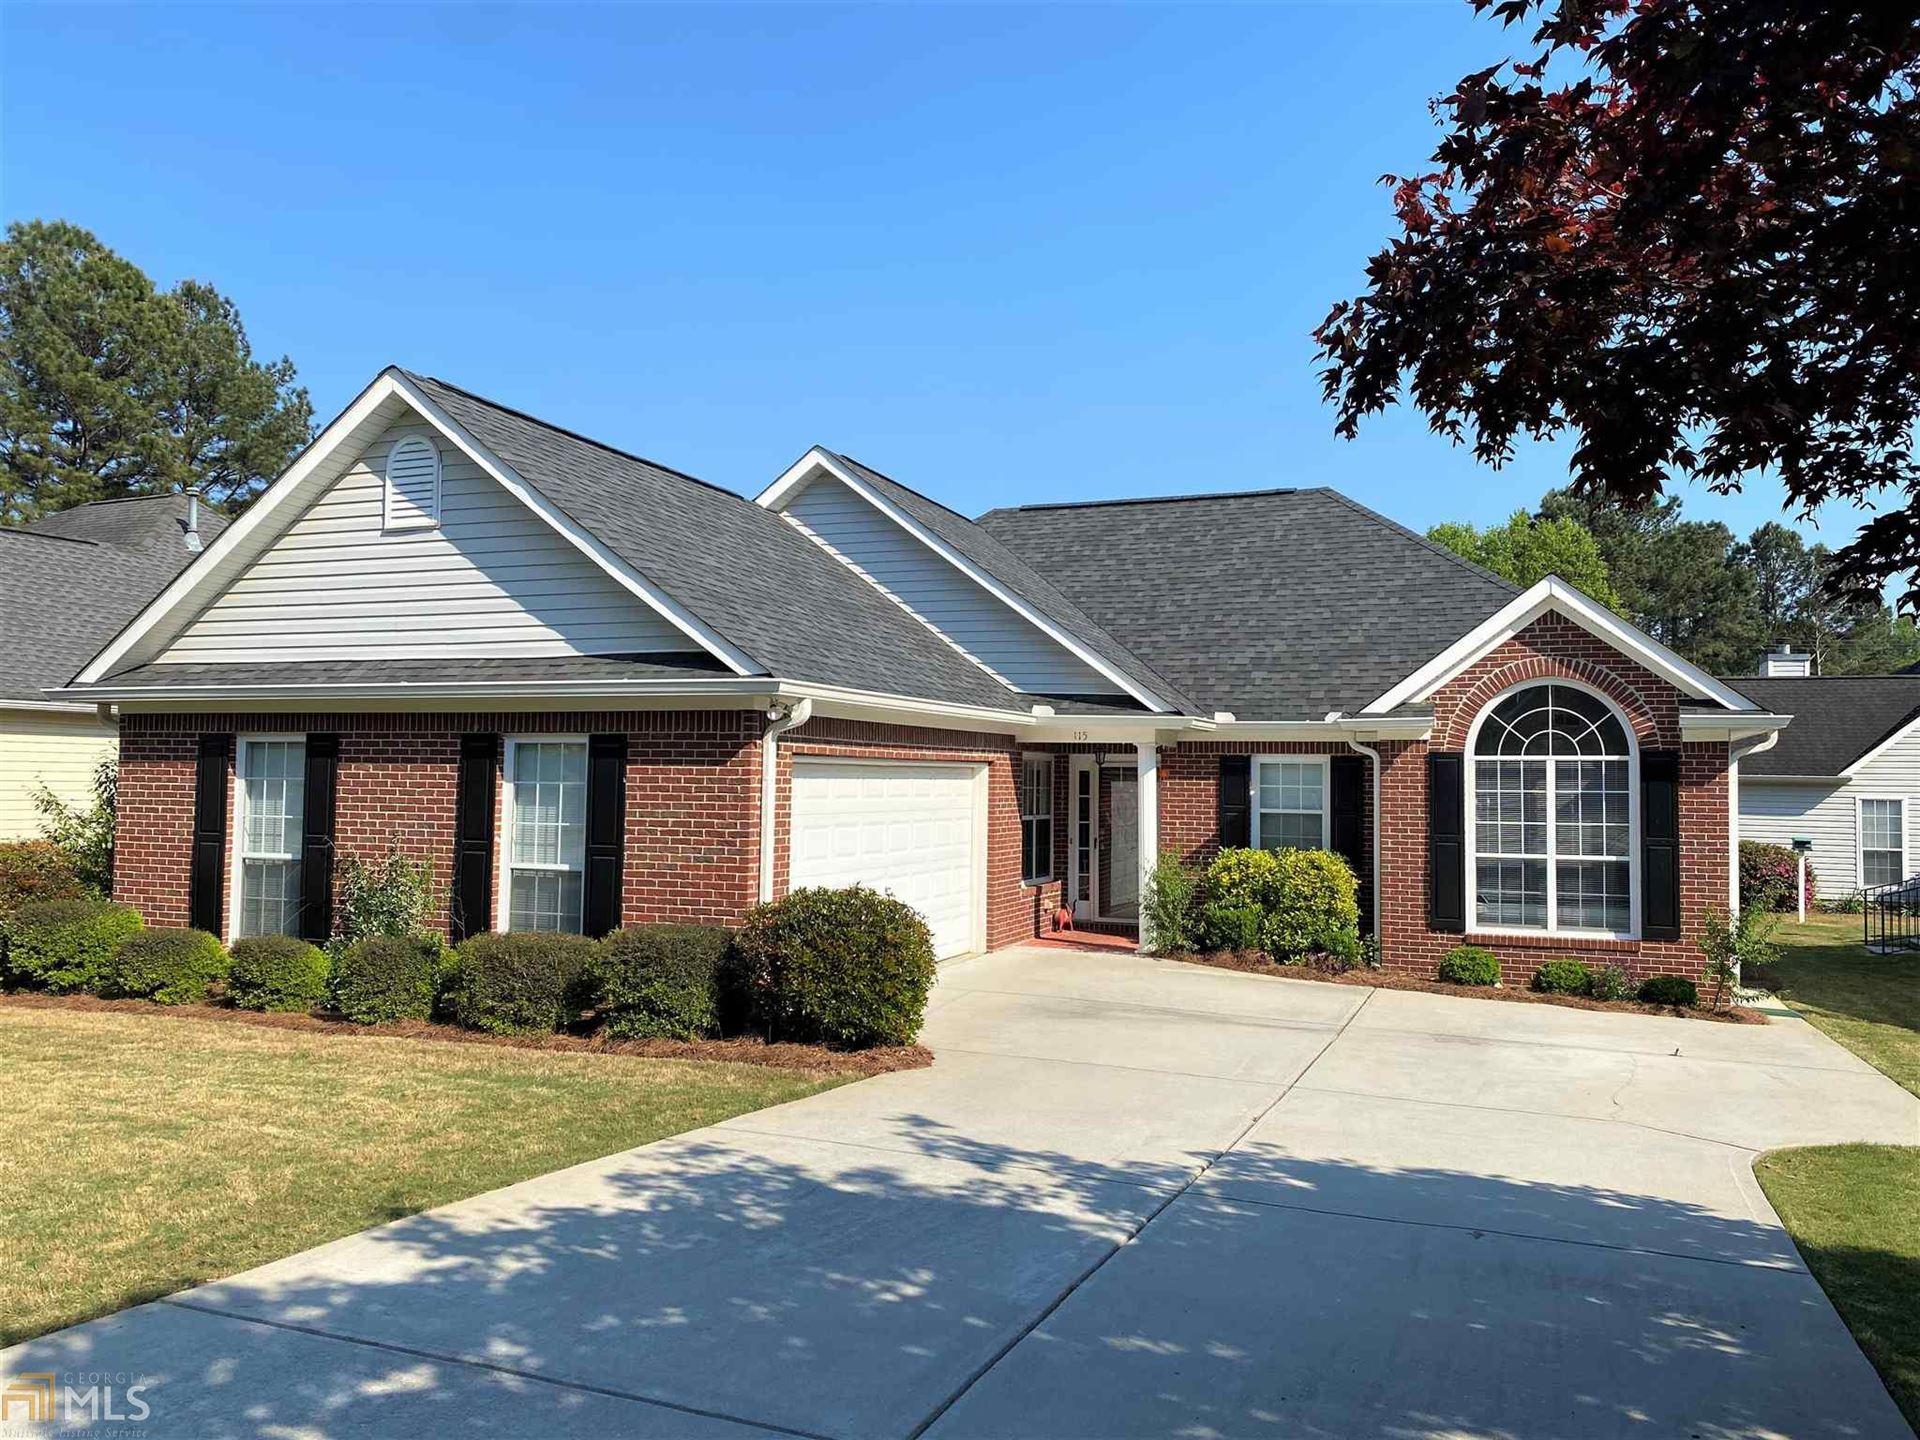 115 Eastfield Ct, Fayetteville, GA 30215 - #: 8964303